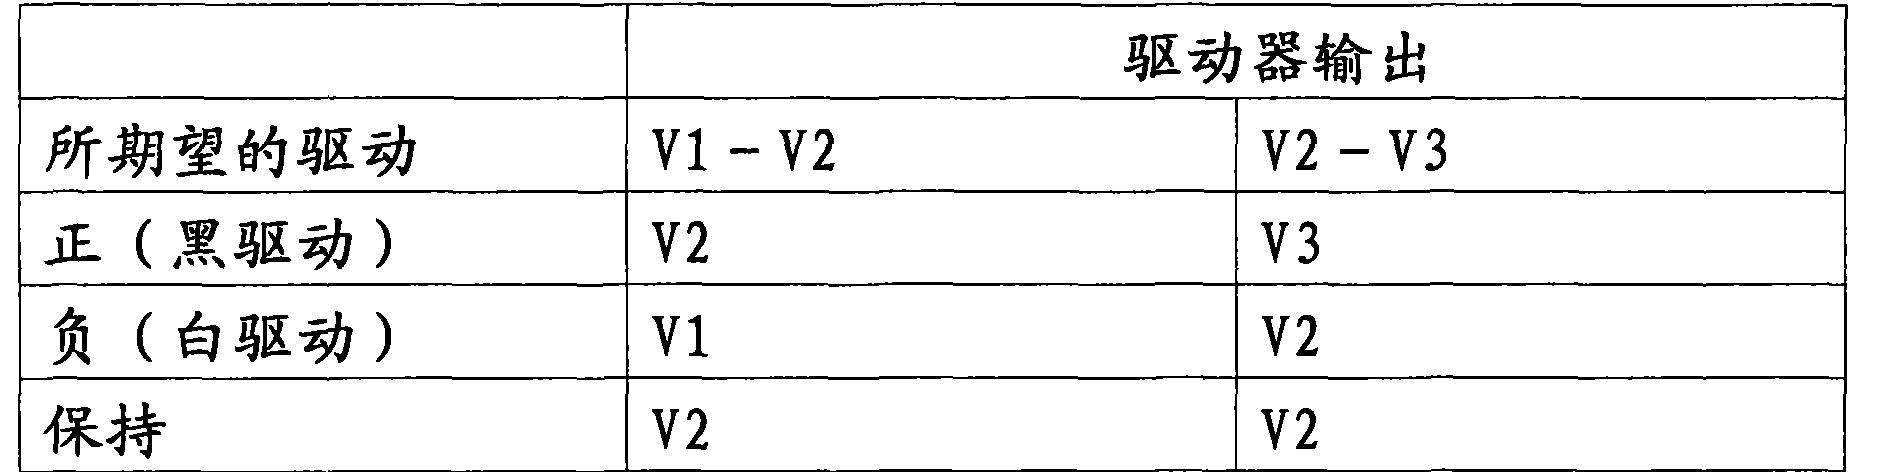 Figure CN102789764BD00171